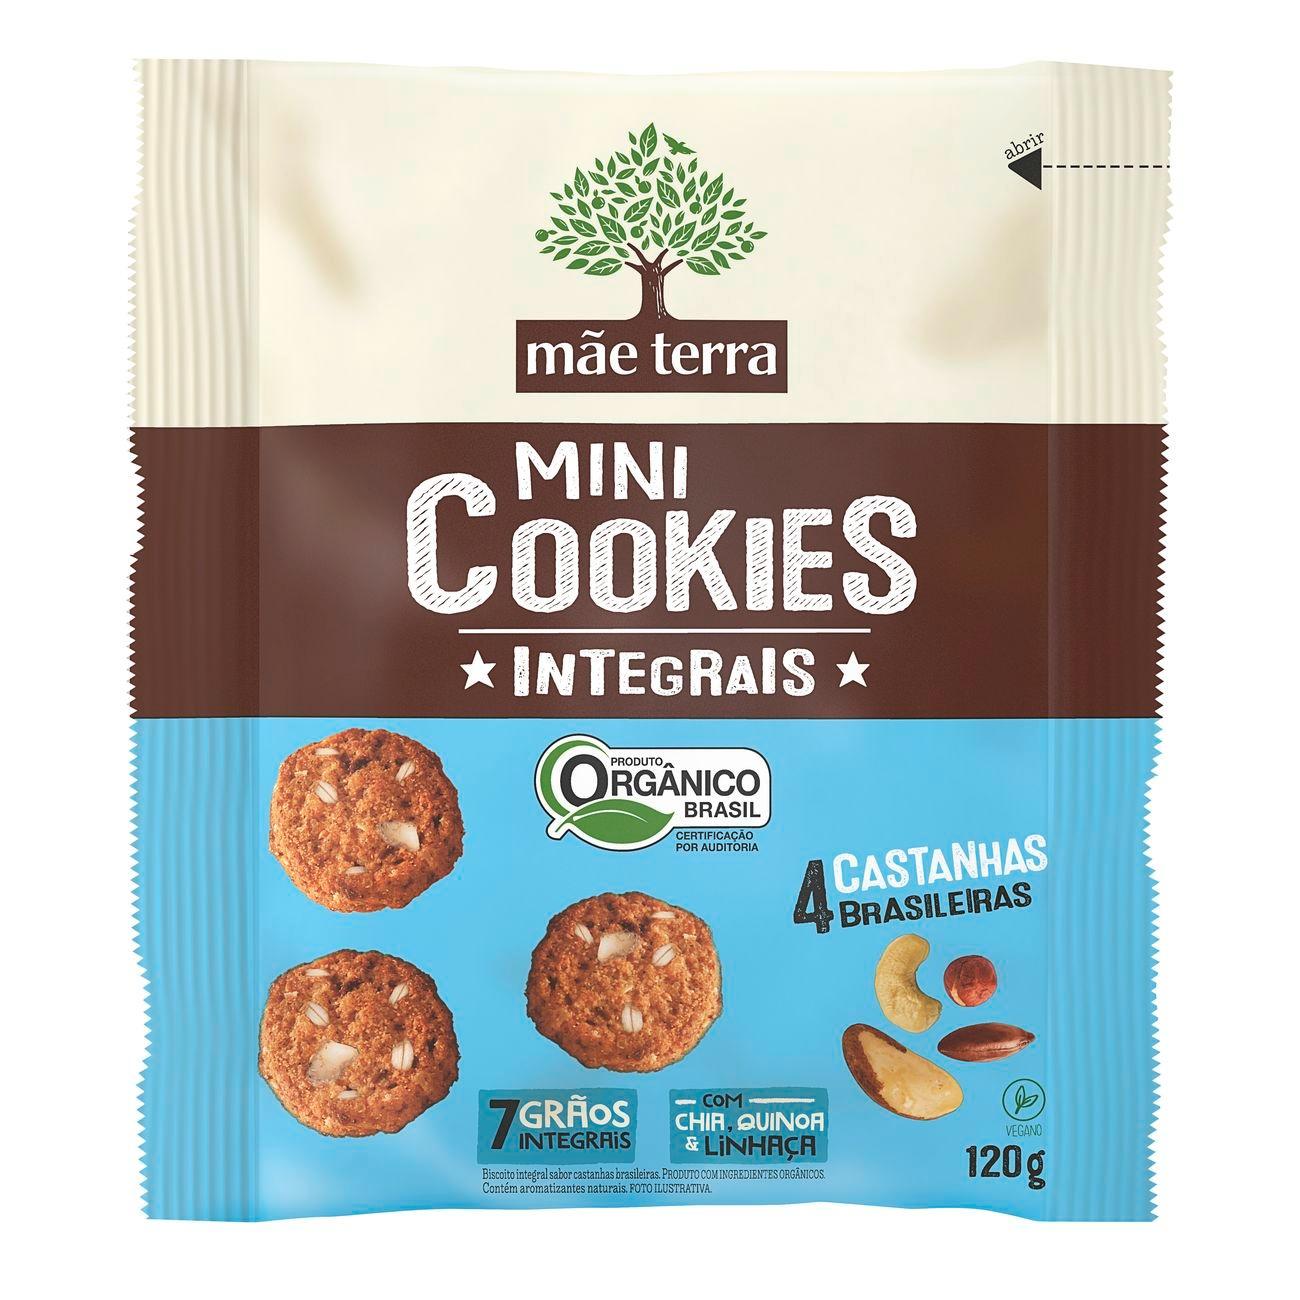 Cookie Integral Org�nico 4 Castanhas Brasileiras 120g